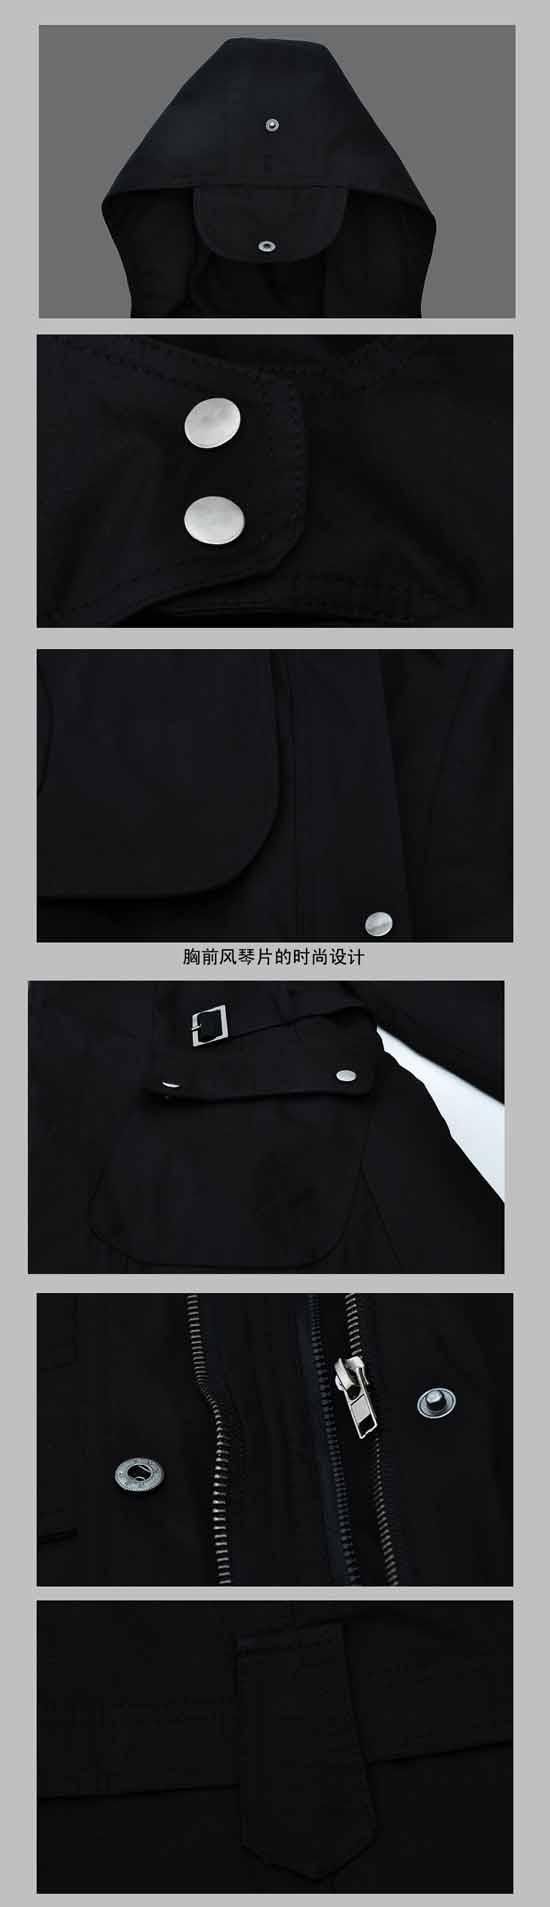 เสื้อโค้ท แฟชั่นเกาหลีกันหนาวตัวยาวมีฮู้ดแต่งเฟอร์สวยหรู นำเข้า ไซส์S-XXXL พรีออเดอร์SJ1325 ราคา2100บาท